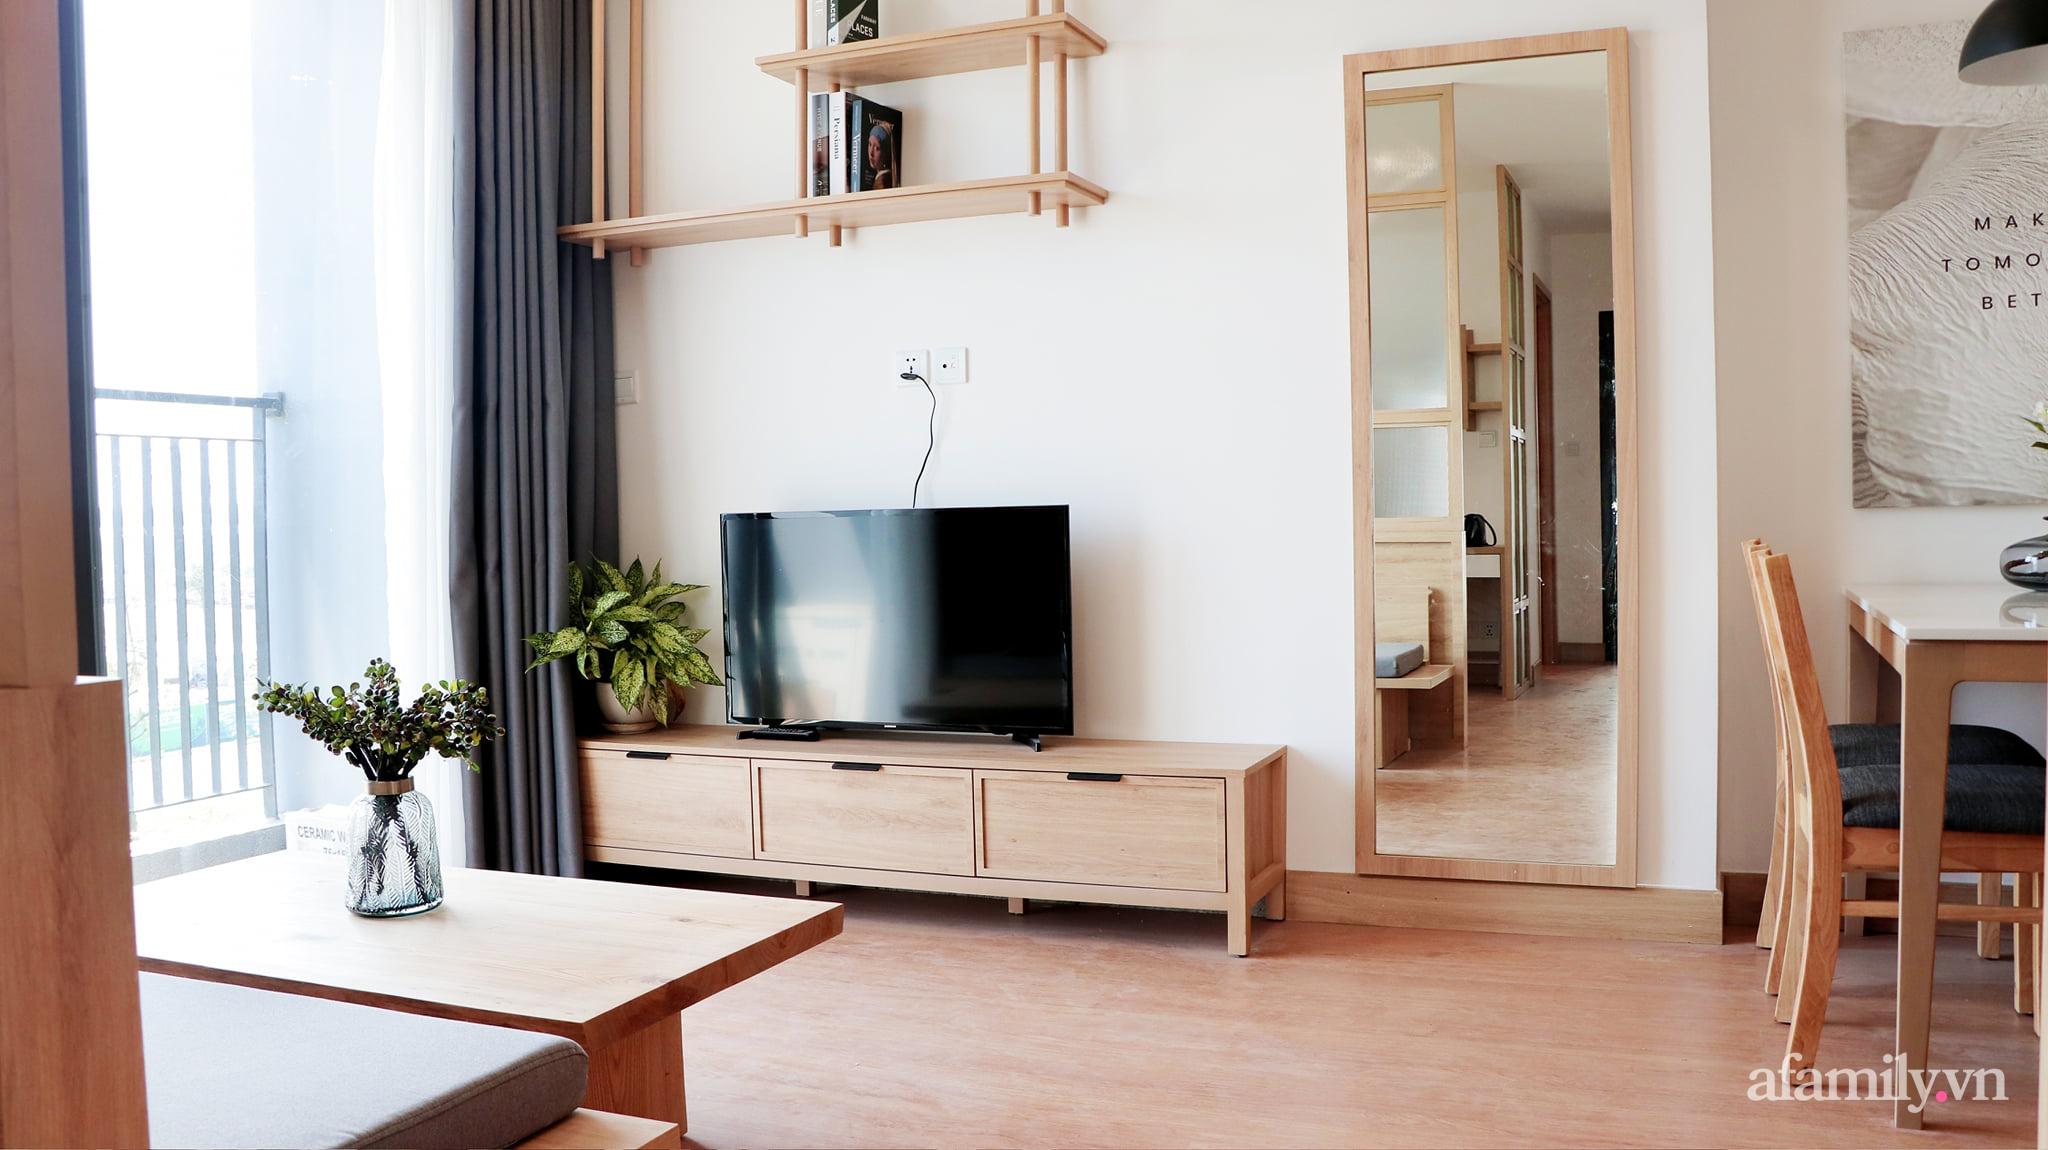 Căn hộ 72m² cực ít đồ đạc vẫn đẹp tinh tế và tiện dụng nhờ thiết kế nội thất thông minh ở Sài Gòn - Ảnh 1.